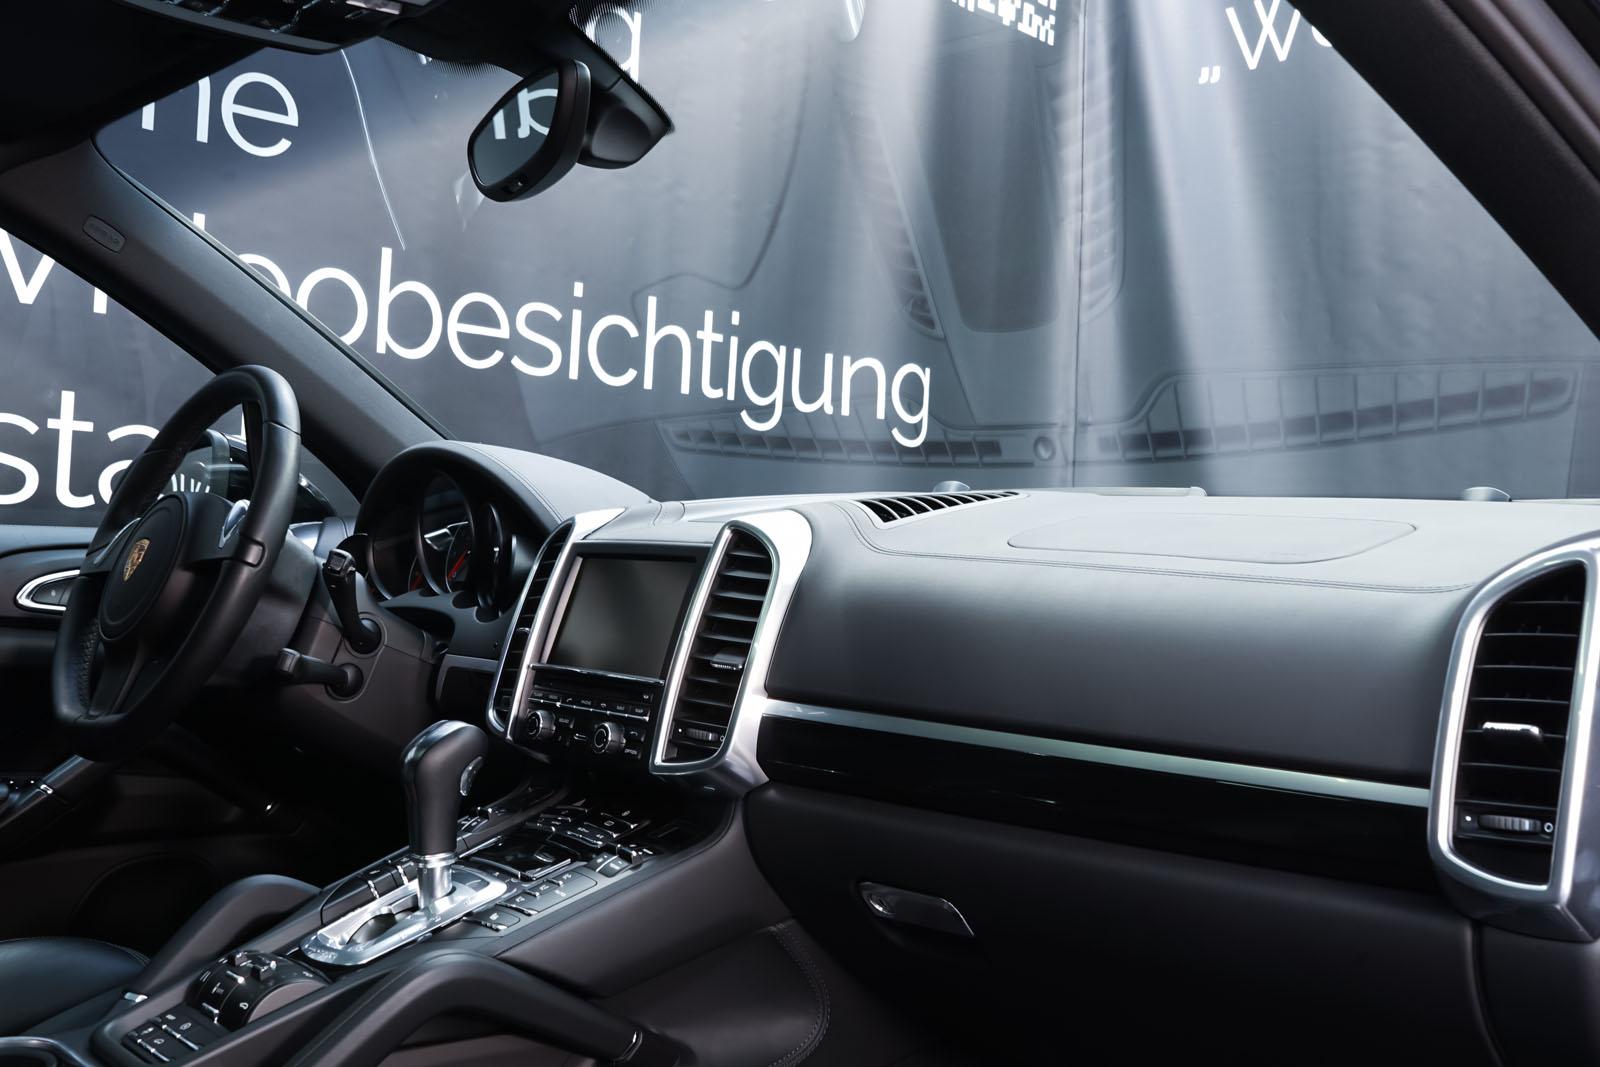 Porsche_CayenneS_Schwarz_Schwarz_POR-2086_19_w